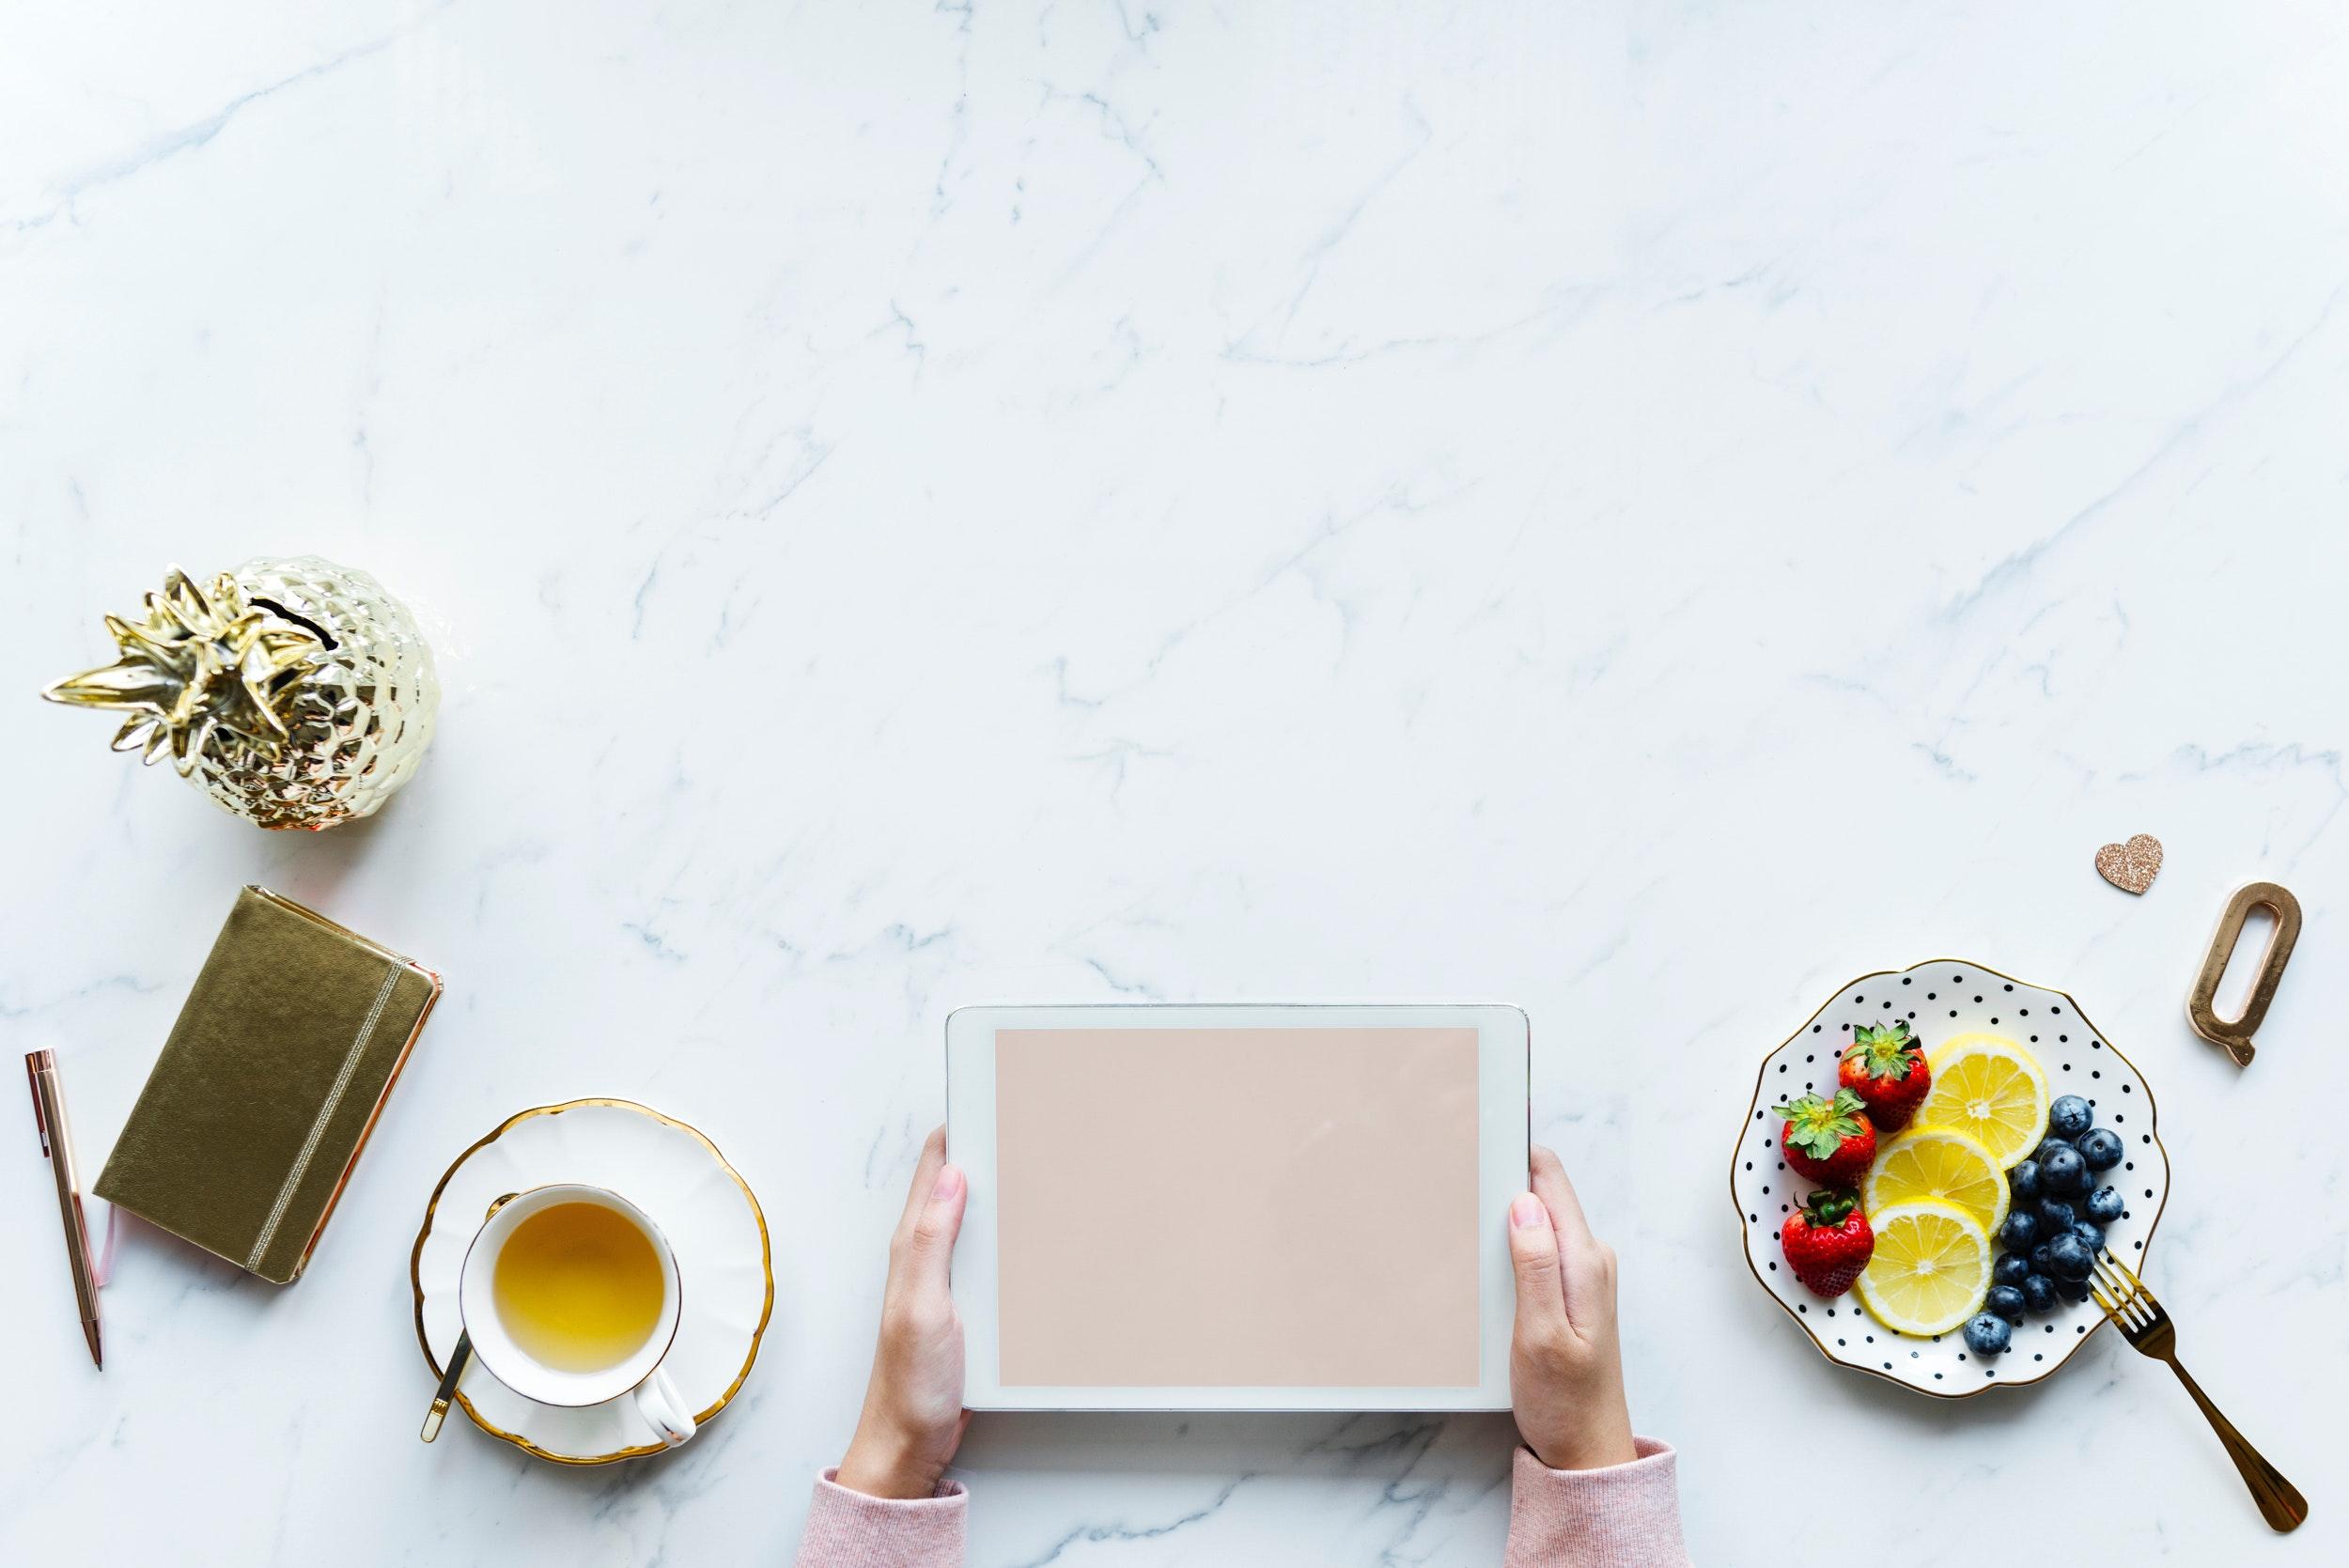 Promocja MDM od G DATA! Chroń urządzenia mobilne i zgarnij tablet